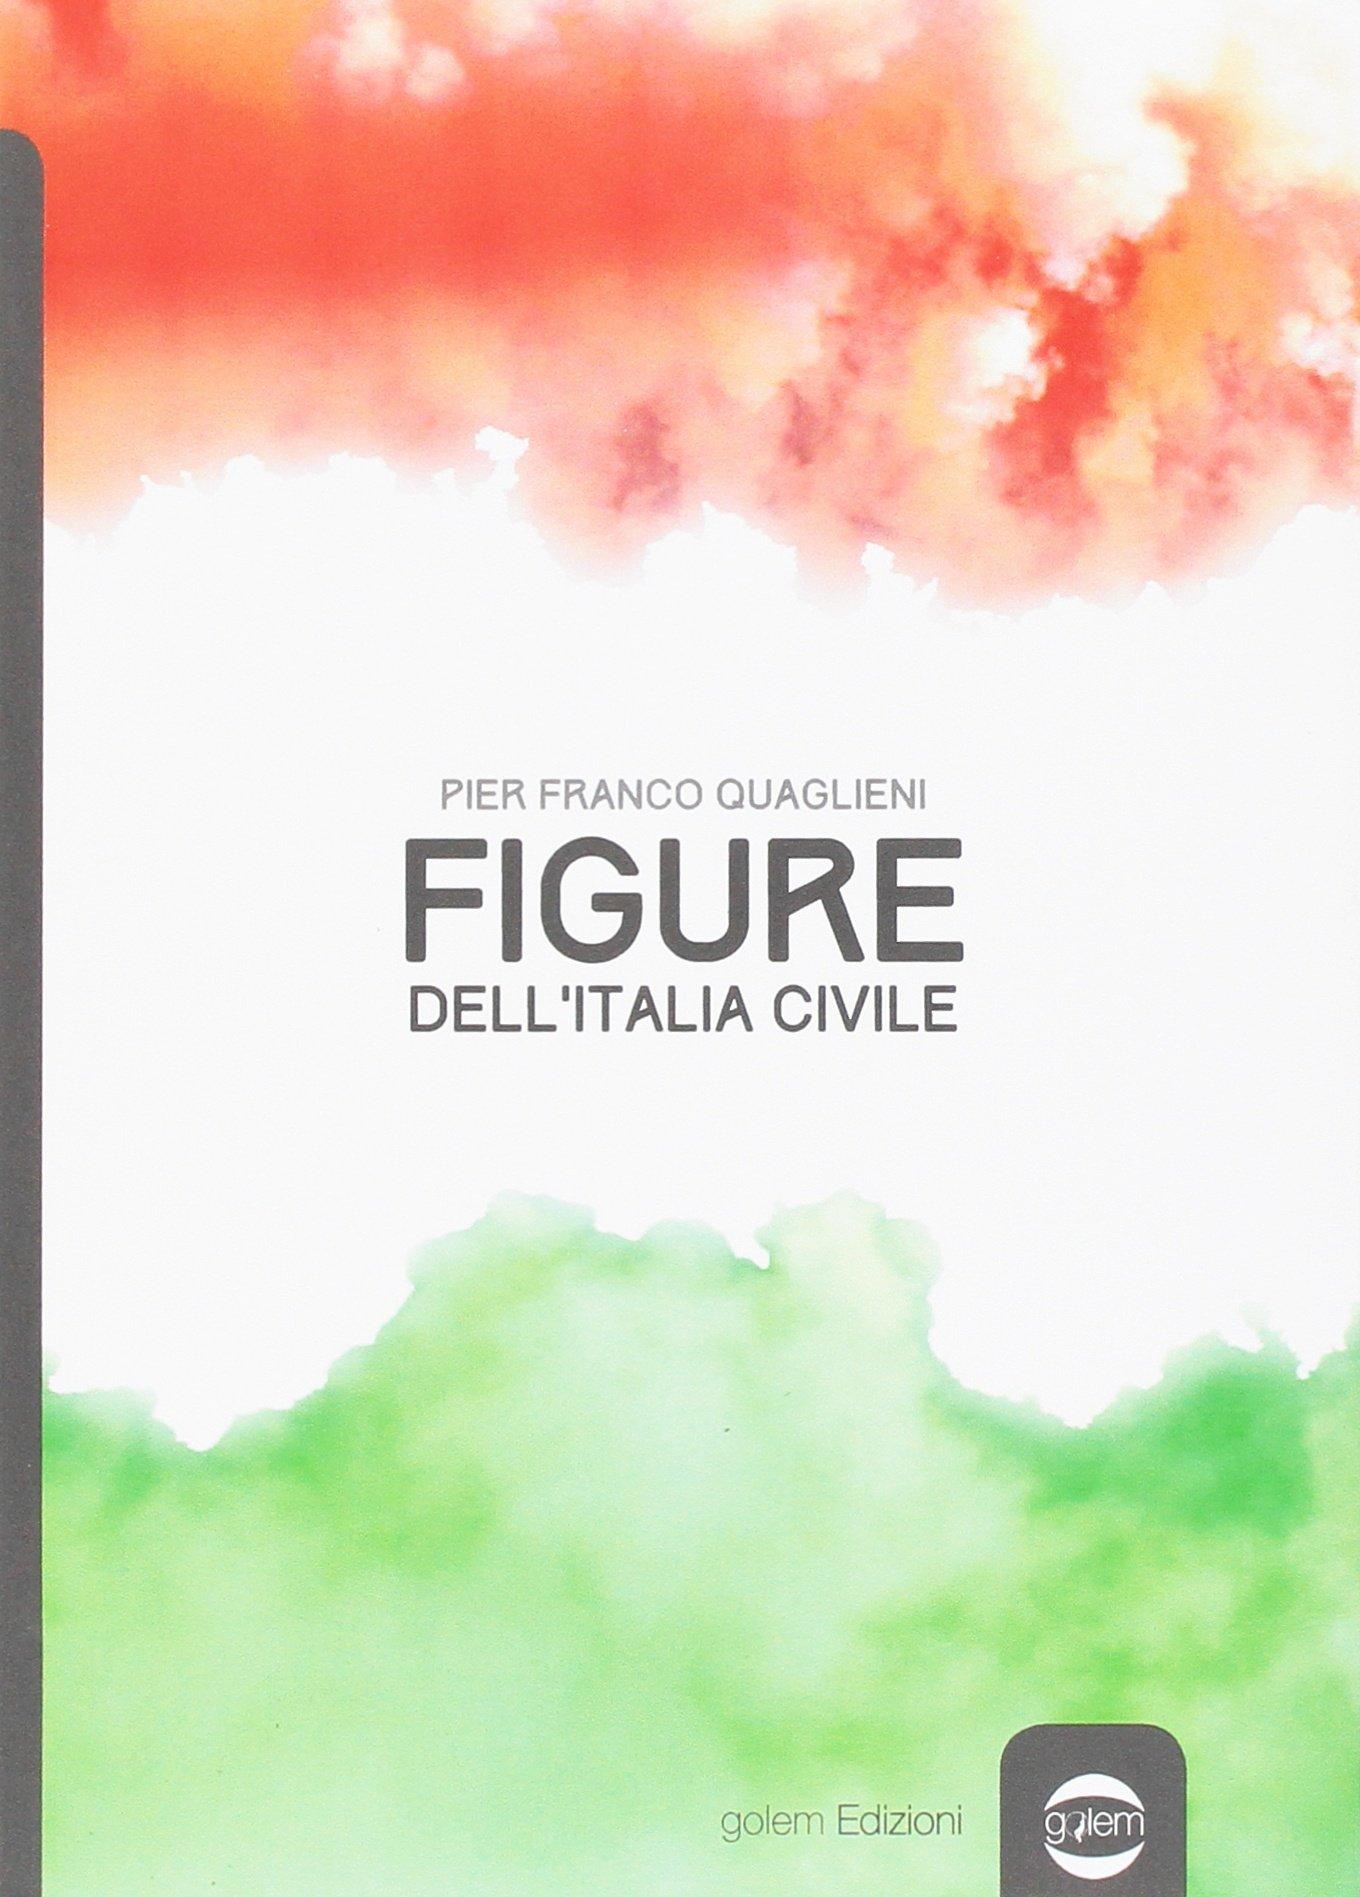 """A Palazzo Ceriana Mayneri: Mercoledì 17 gennaio alle ore 18 presentazione della nuova edizione di """"Figure dell'Italia Civile"""" a cura di Pier Franco Quaglieni"""